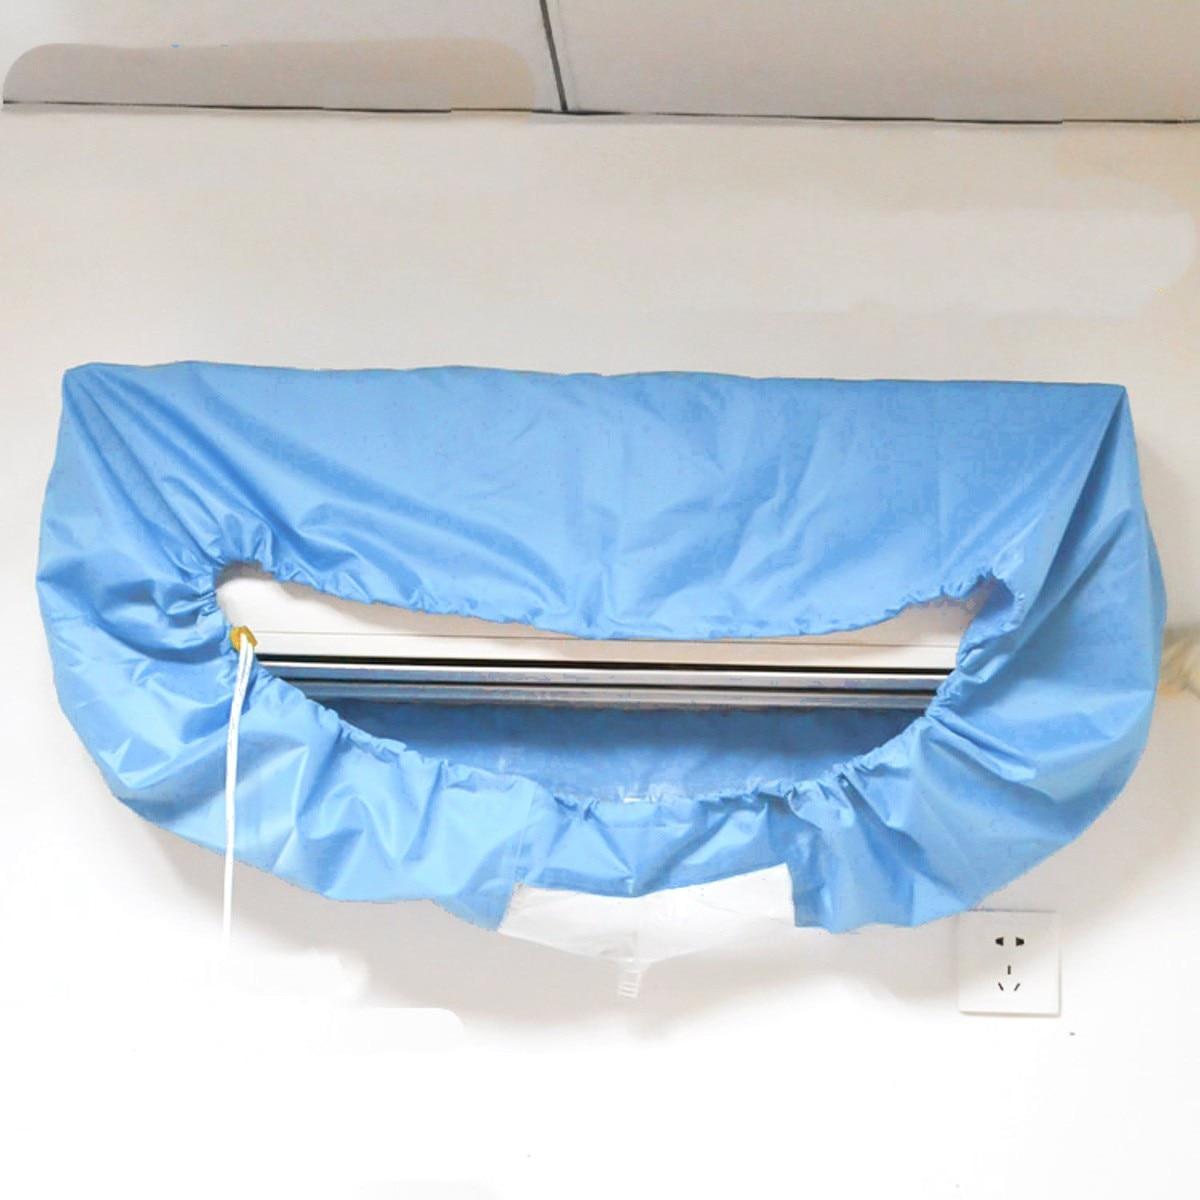 Klímaberendezés Vízálló tisztító fedél DIY mosáshoz Háztartási tisztító eszközök Vízálló Peva anyag